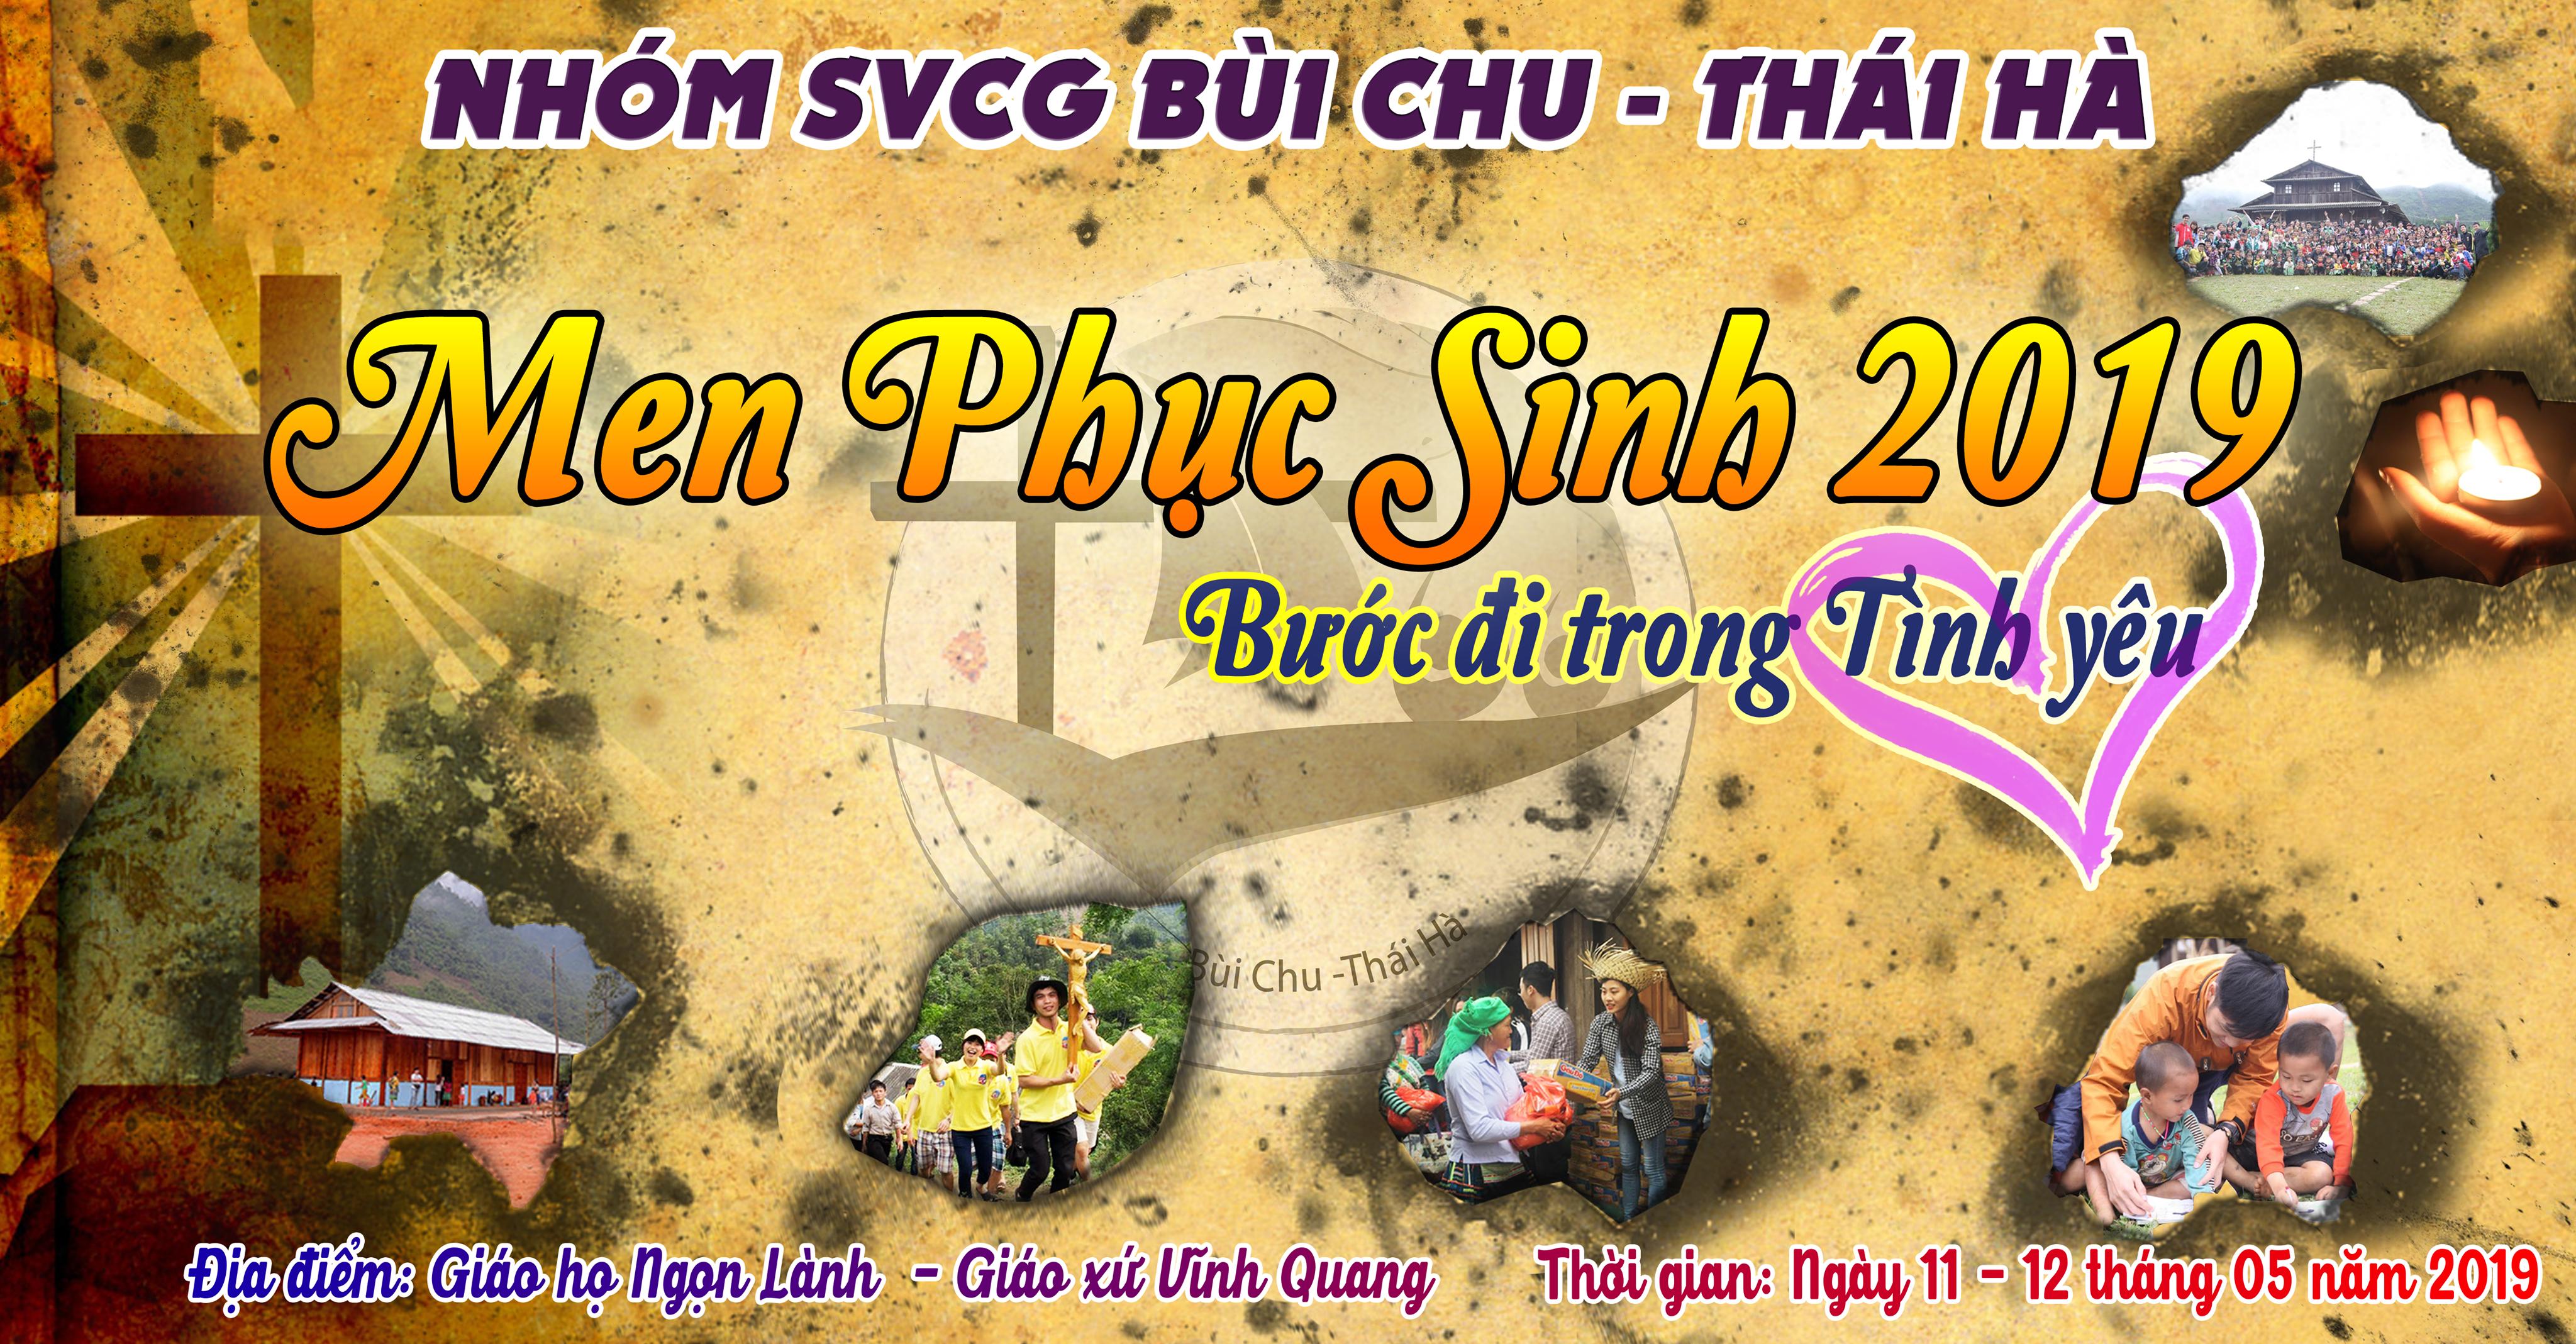 Chương trình Men Phục Sinh 2019 – nhóm SVCG Bùi Chu – Thái Hà